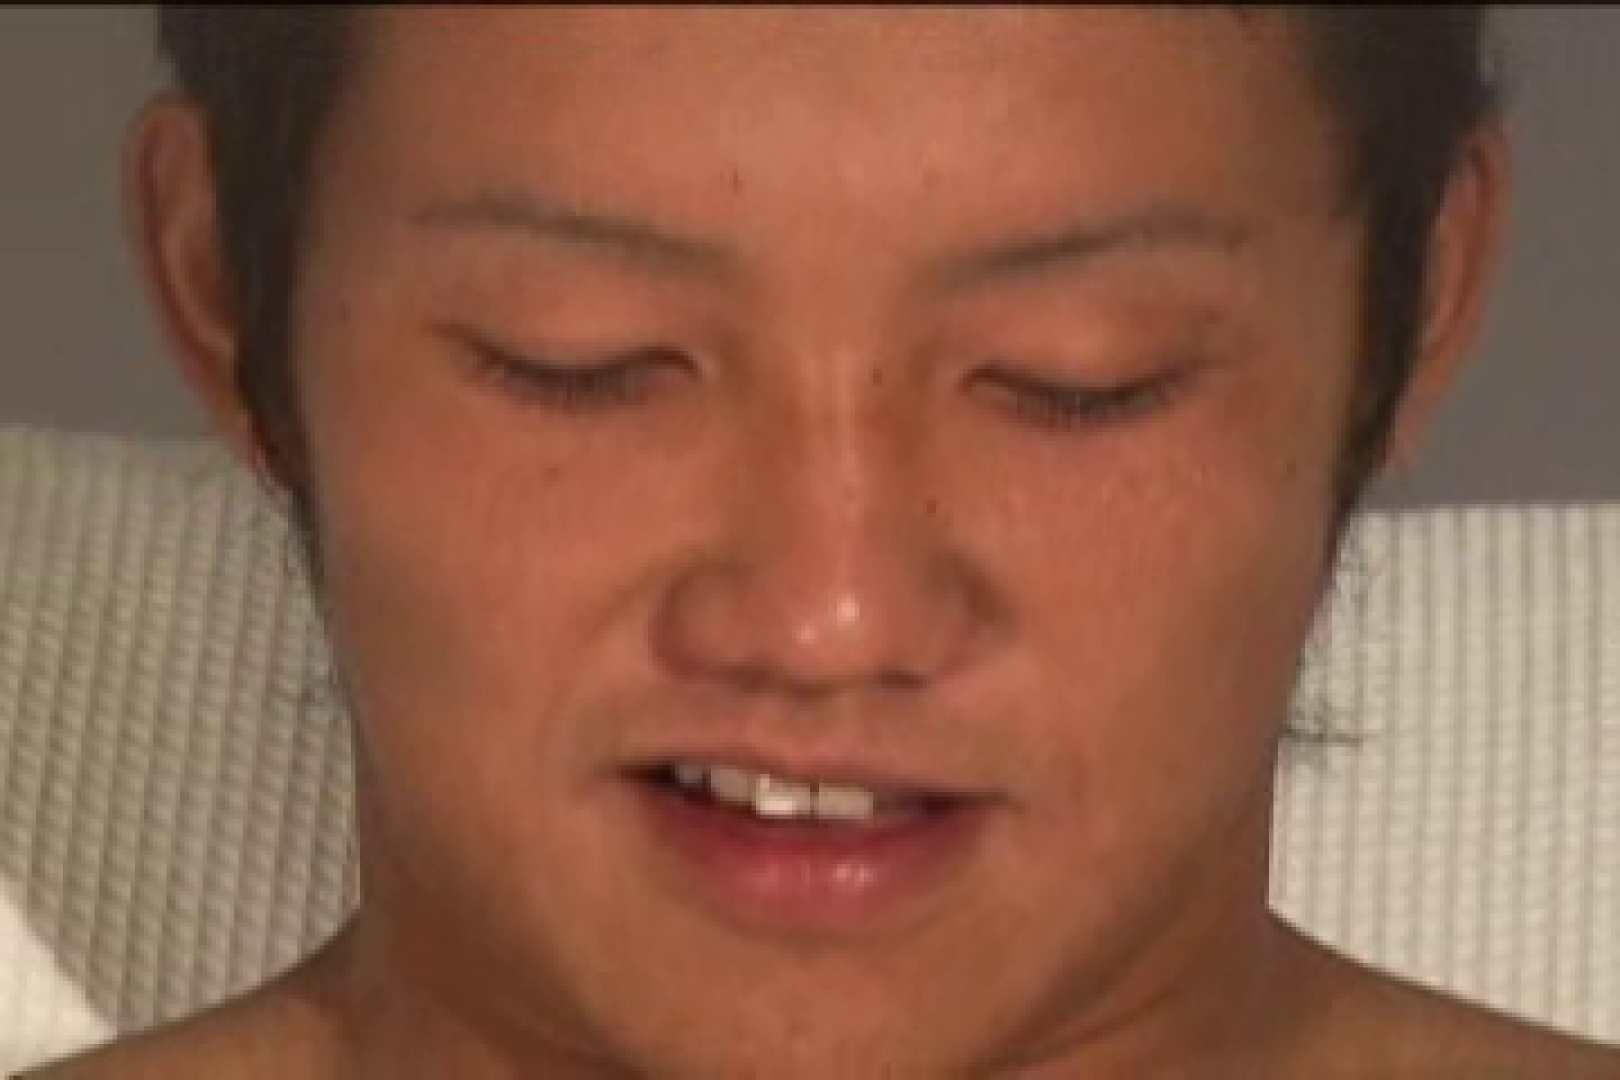 スポMENファック!!反り勃つ男根!!vol.4 KISS   フェラ天国 ゲイアダルトビデオ画像 68pic 1